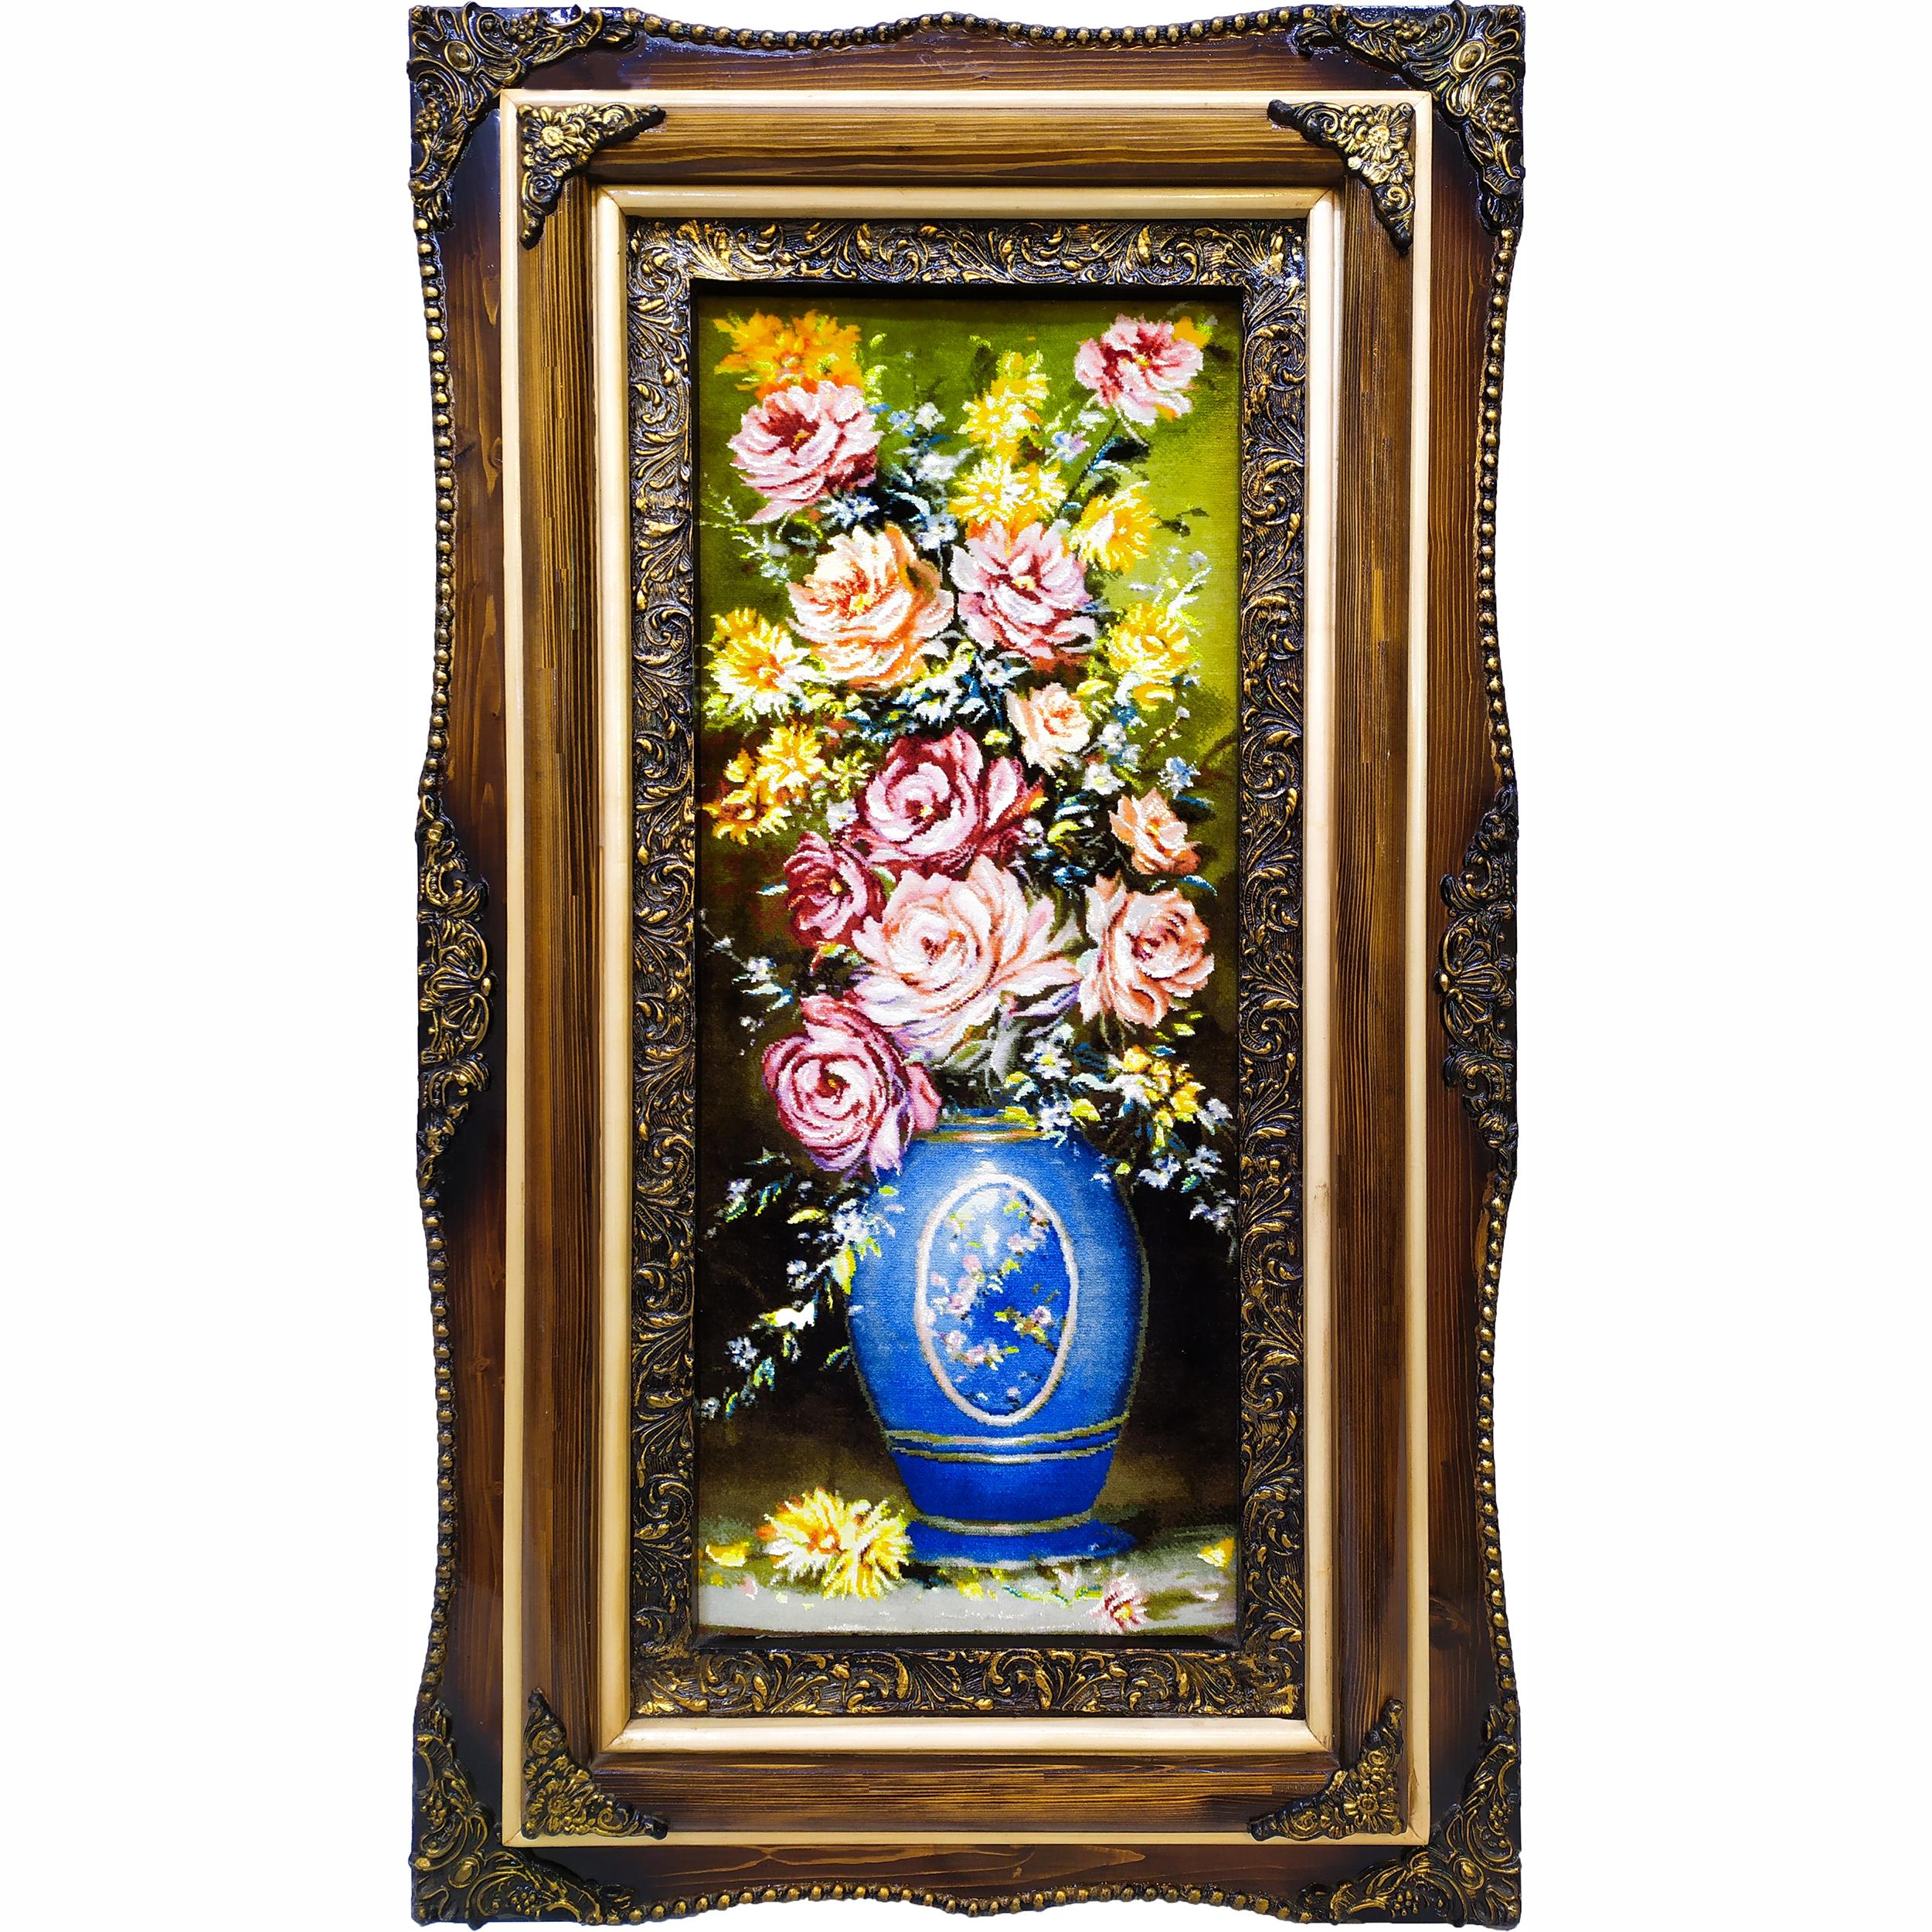 تابلو فرش دستبافت طرح گل و گلدان کد 101692